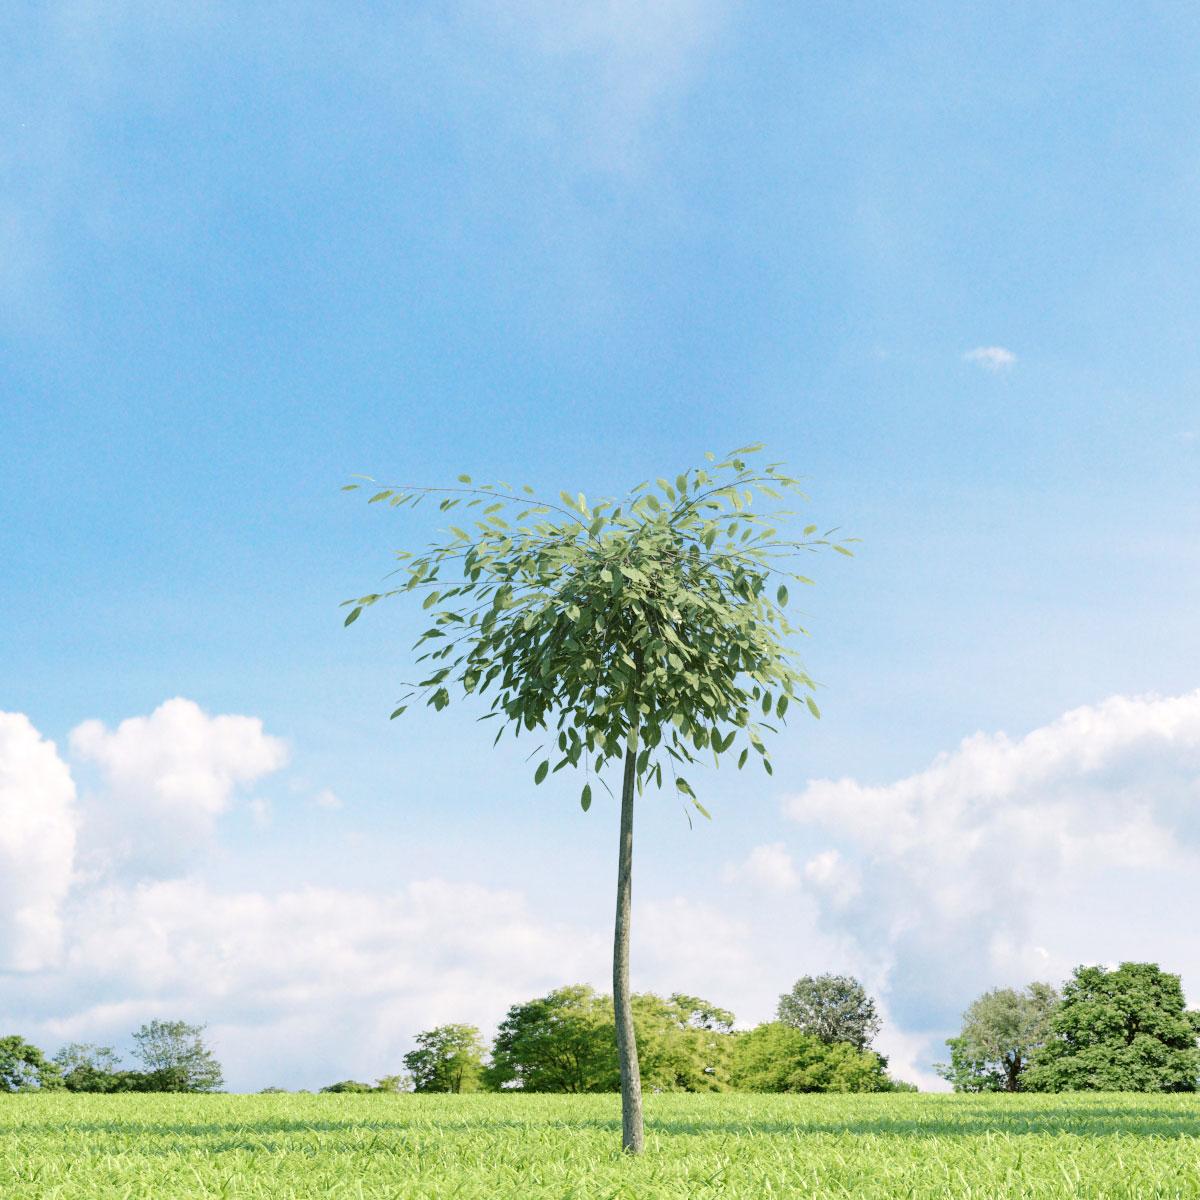 Salix repens var. argentea 23 v2 AM136 Archmodels